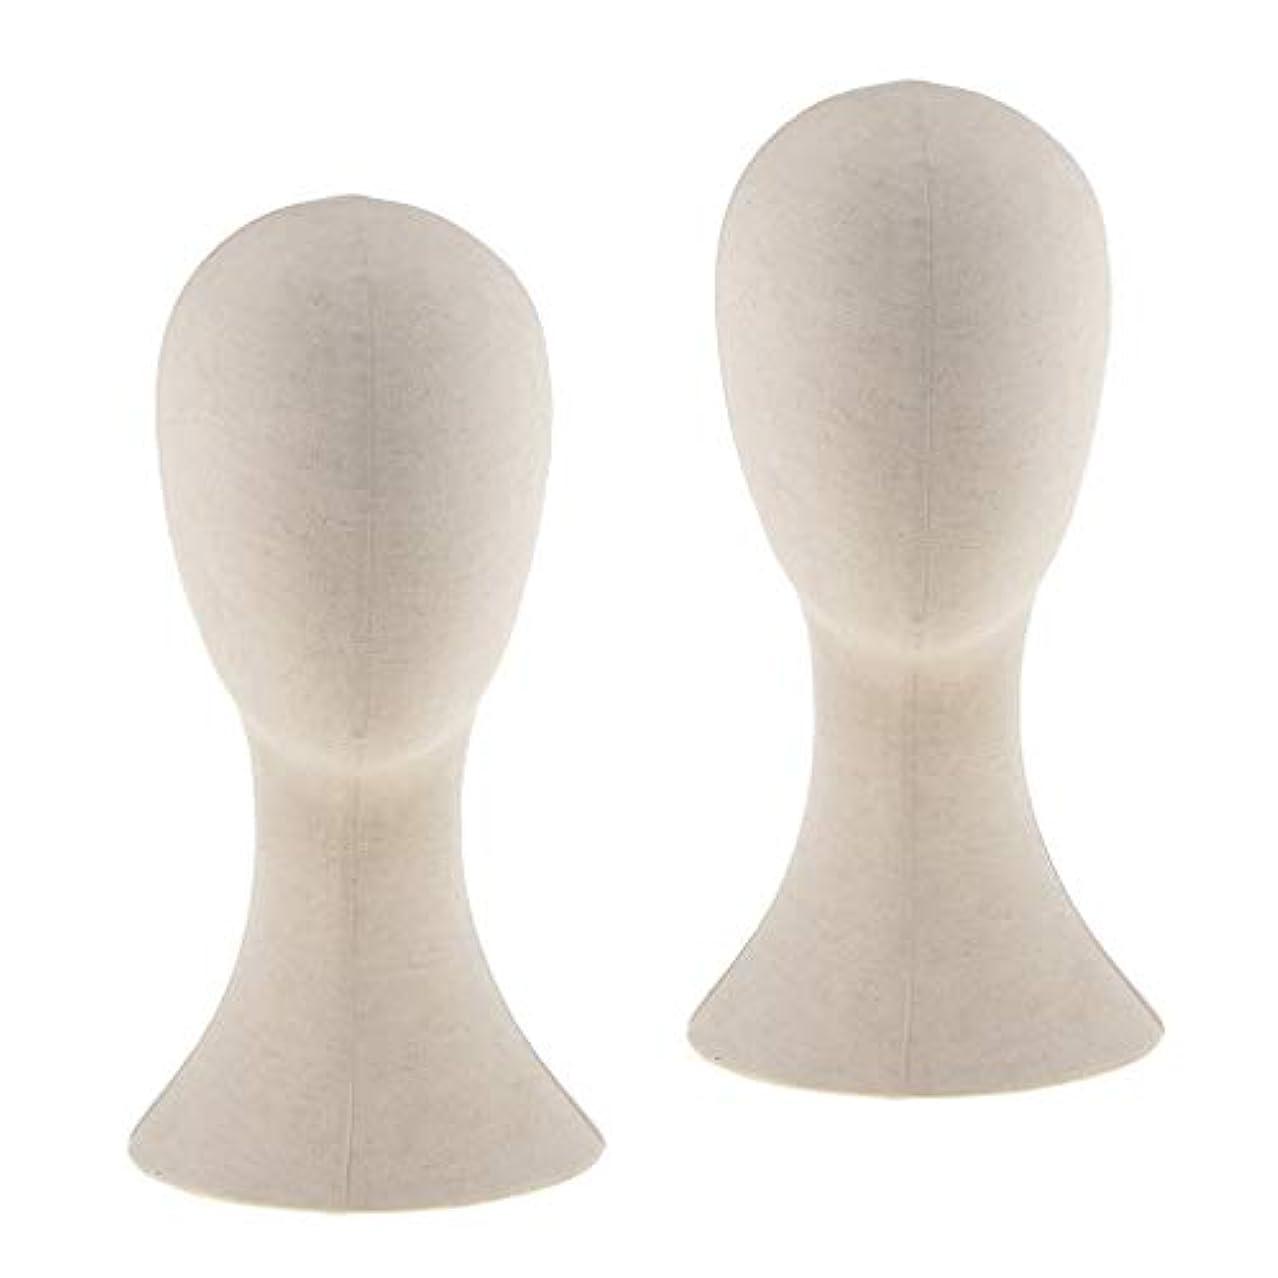 一方、抱擁熱心なPerfeclan 2個入り マネキンヘッド トルソー 頭 カット練習 頭部 女性 ウィッグマネキン ウィッグスタンド